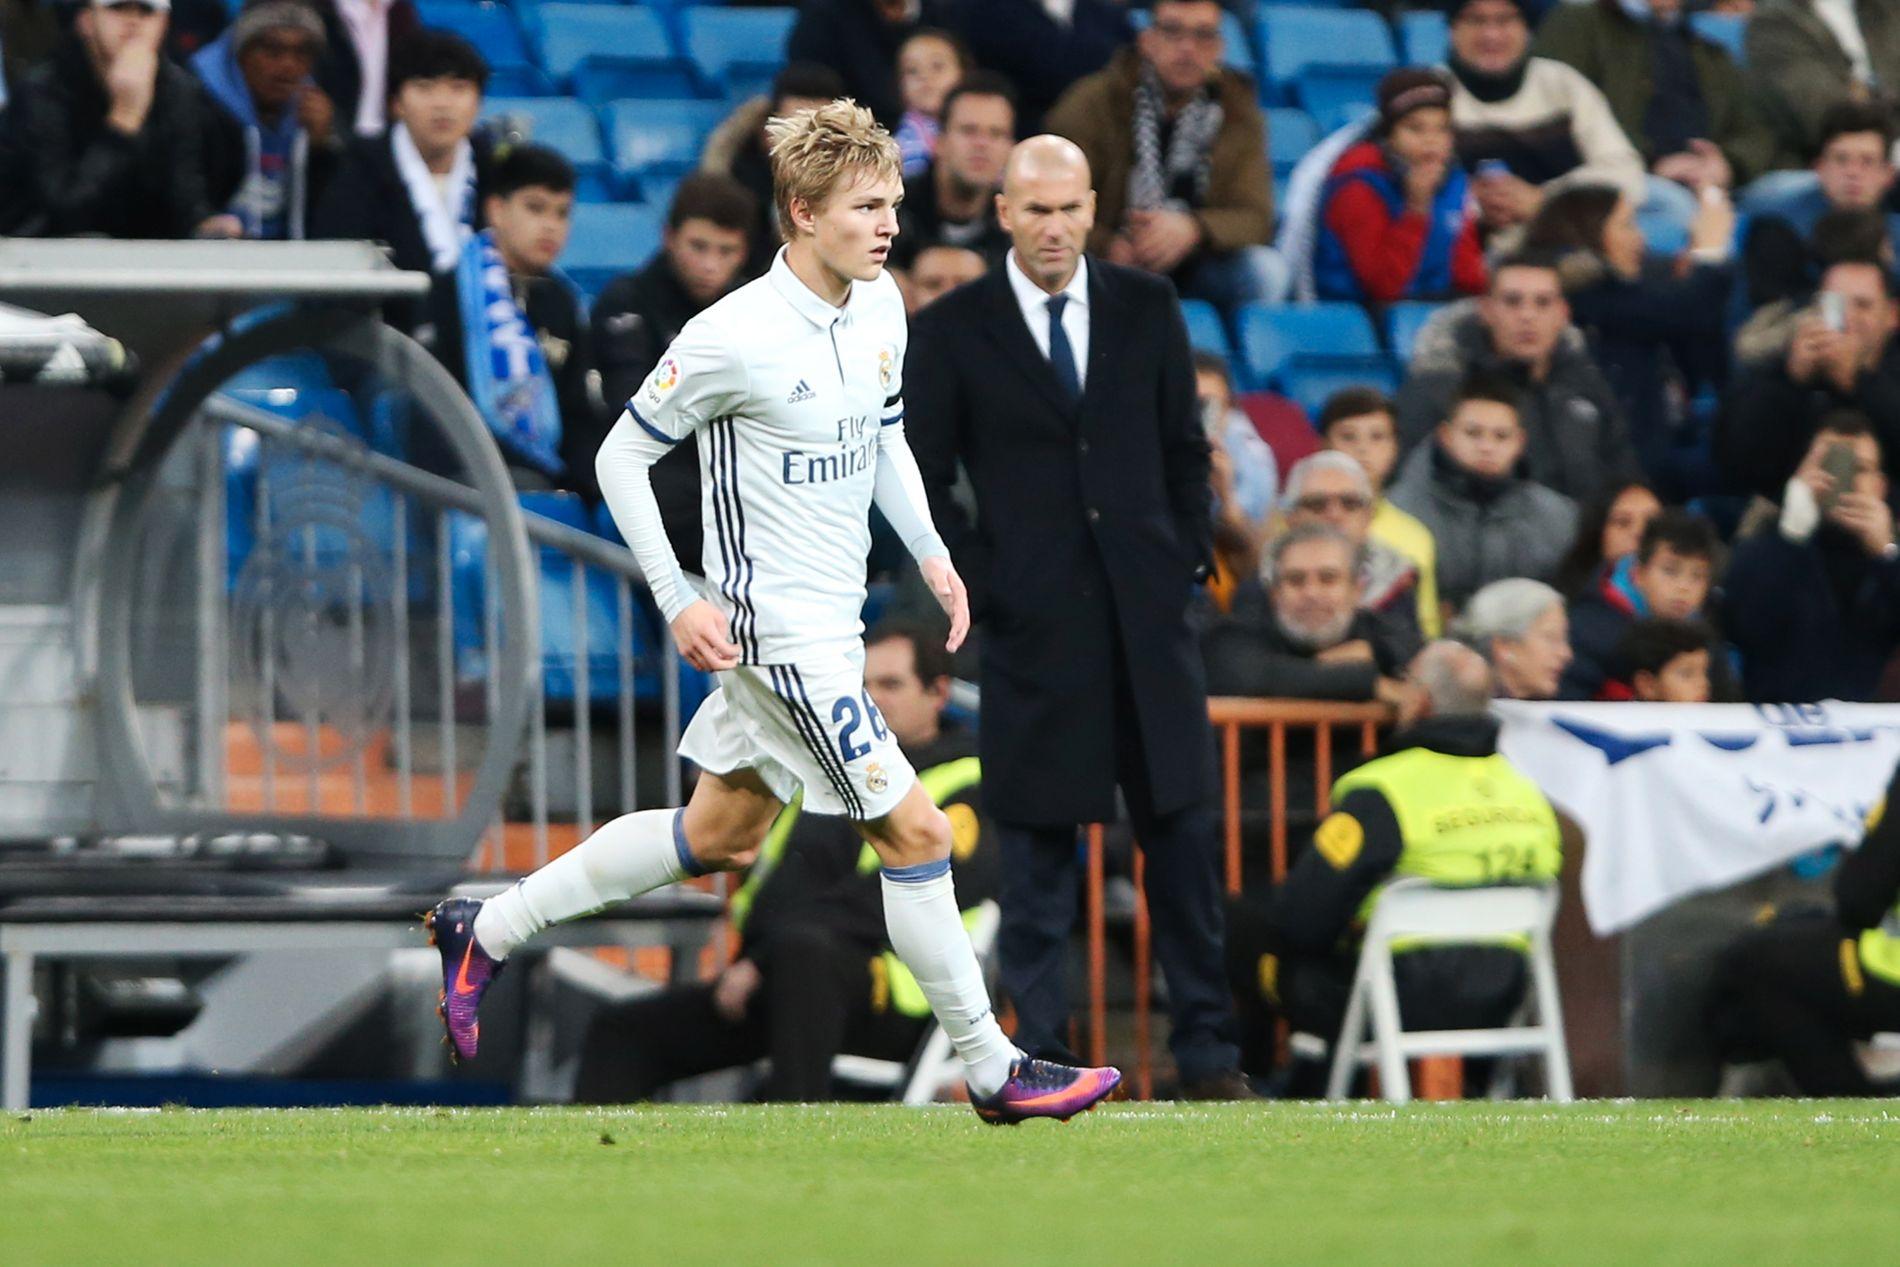 FIKK DEBUTEN: Martin Ødegaard spilte sin første kamp fra start for Real Madrid, den 30. november 2016 mot Cultural Leonesa, med Zinédine Zidane som trener.